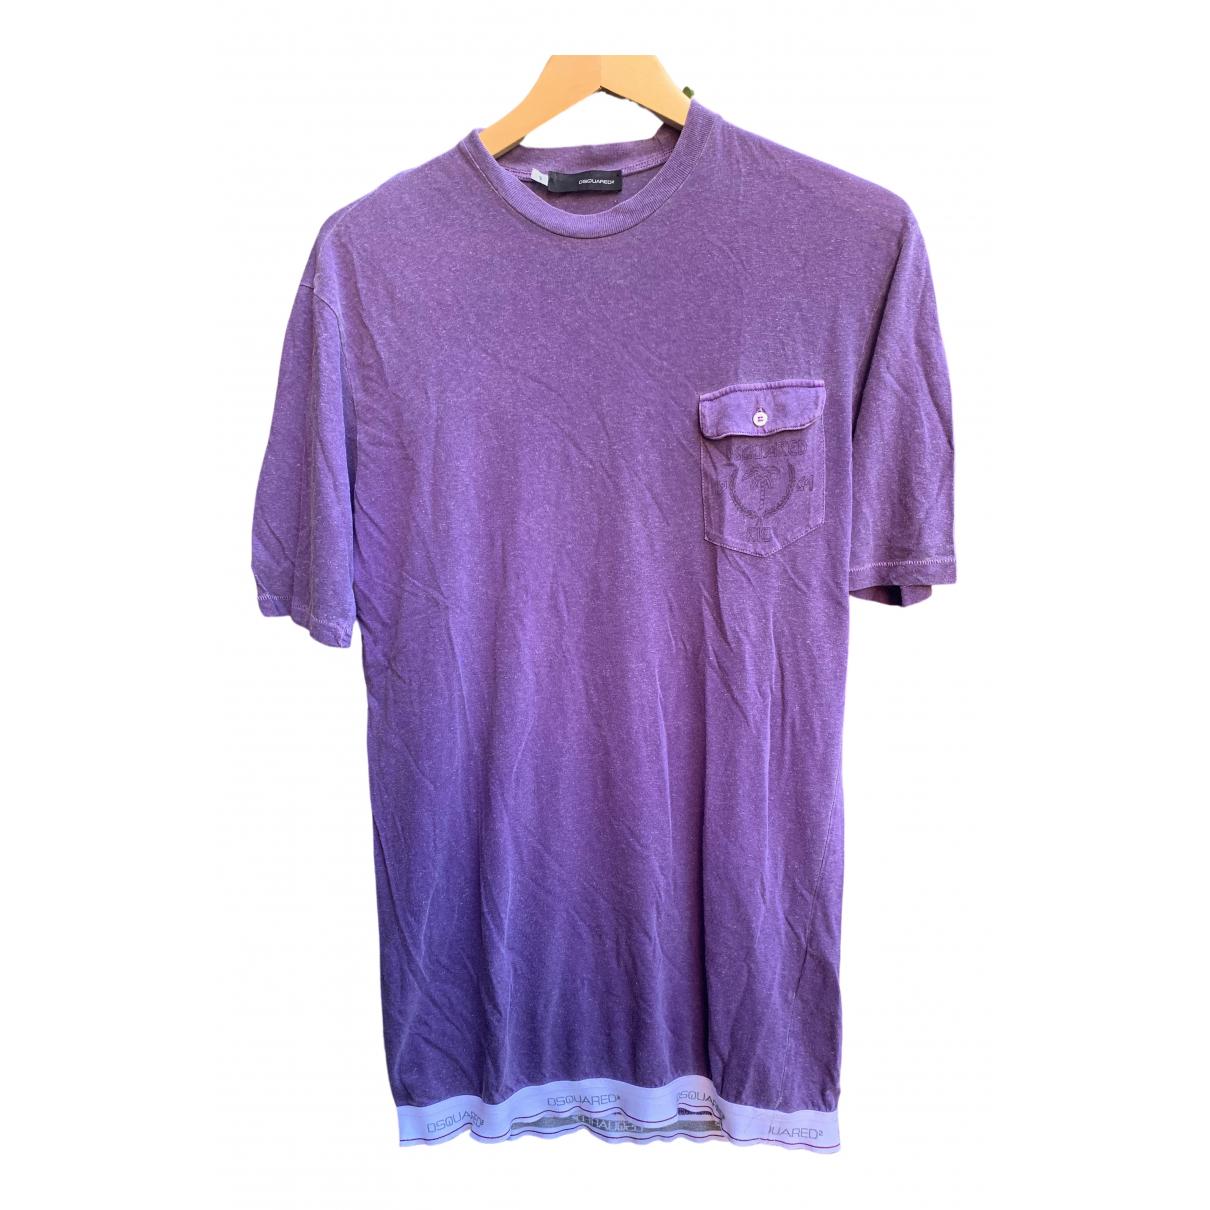 Dsquared2 - Tee shirts   pour homme en coton - violet